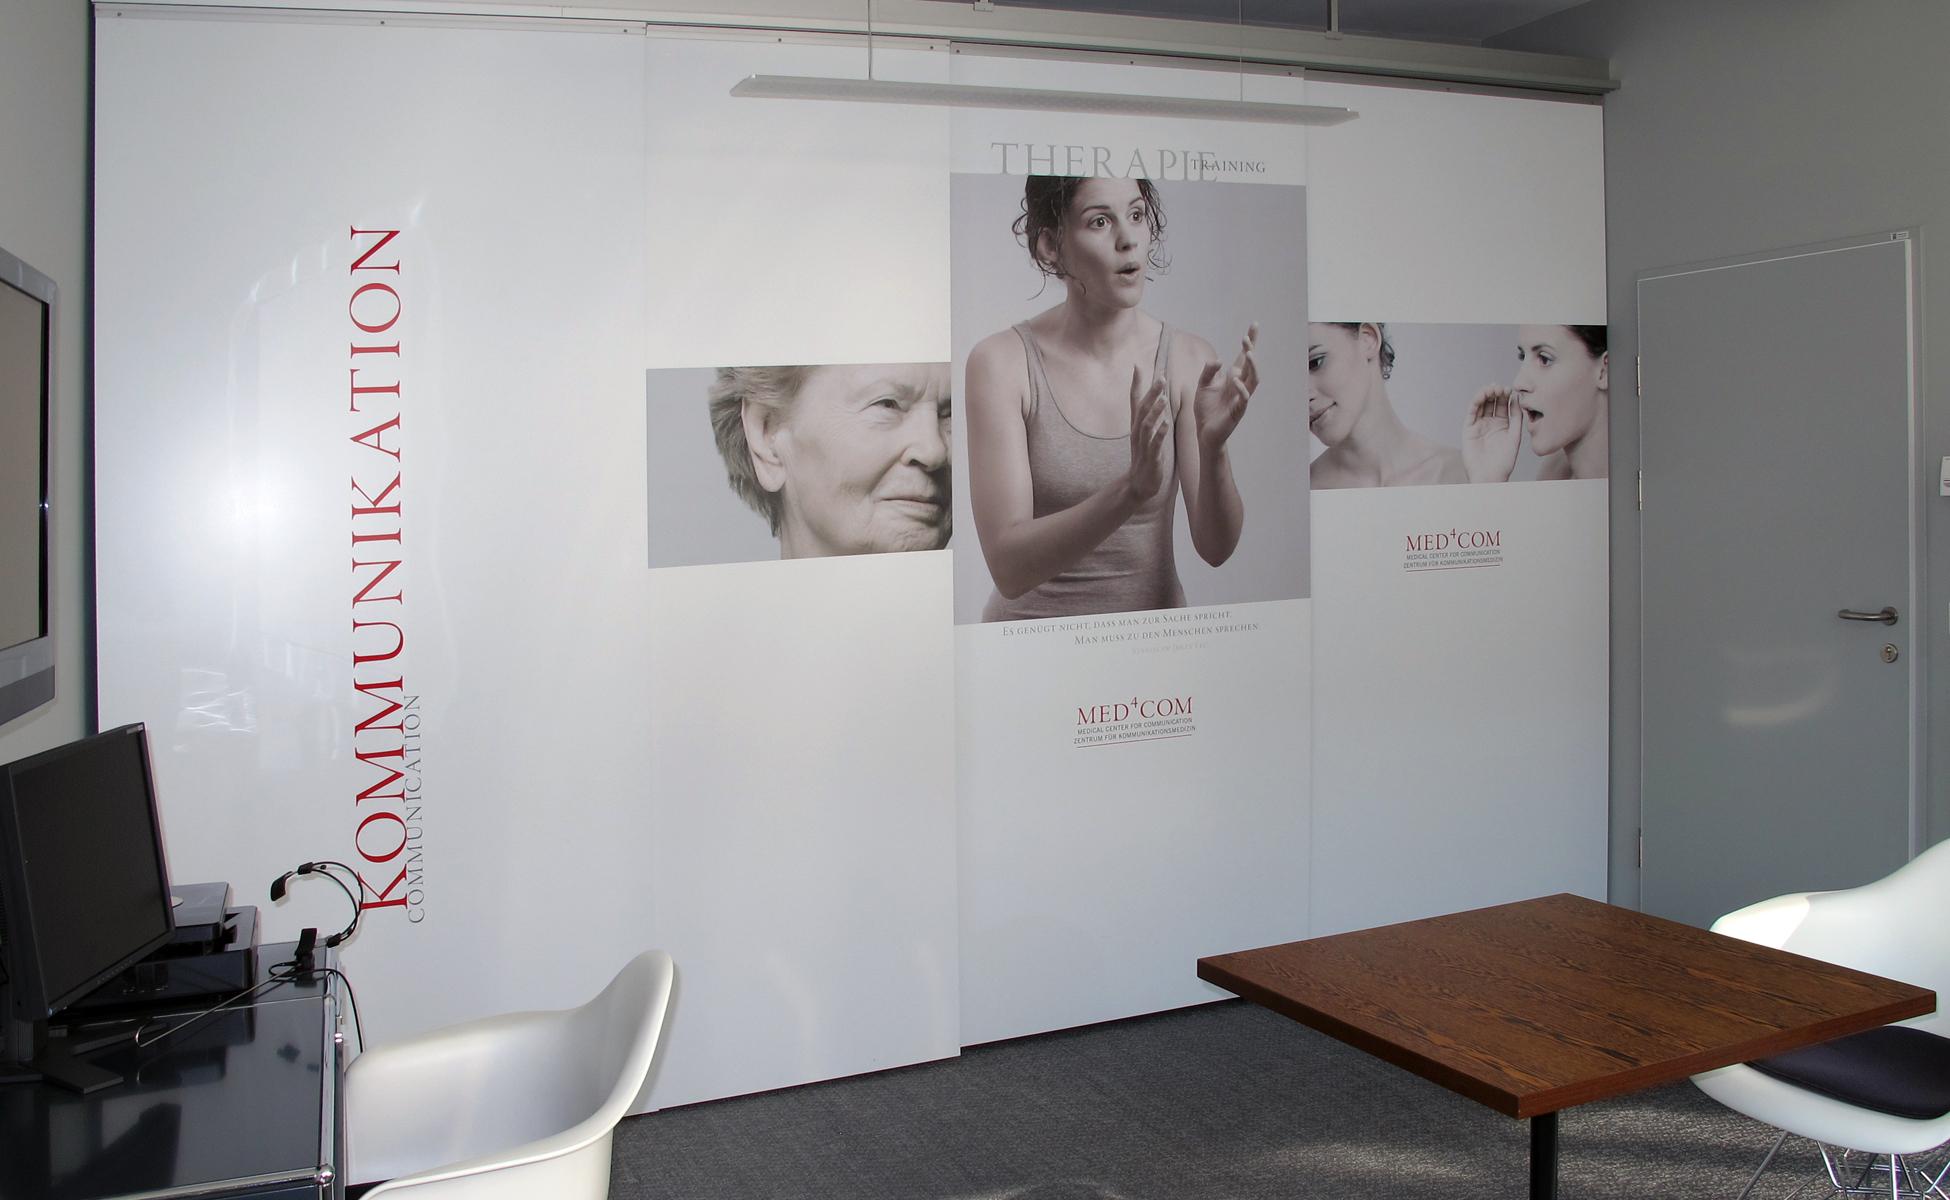 Praxis Logopaedie Einrichtung Vitra + USM Haller bei steidten+ Berlin